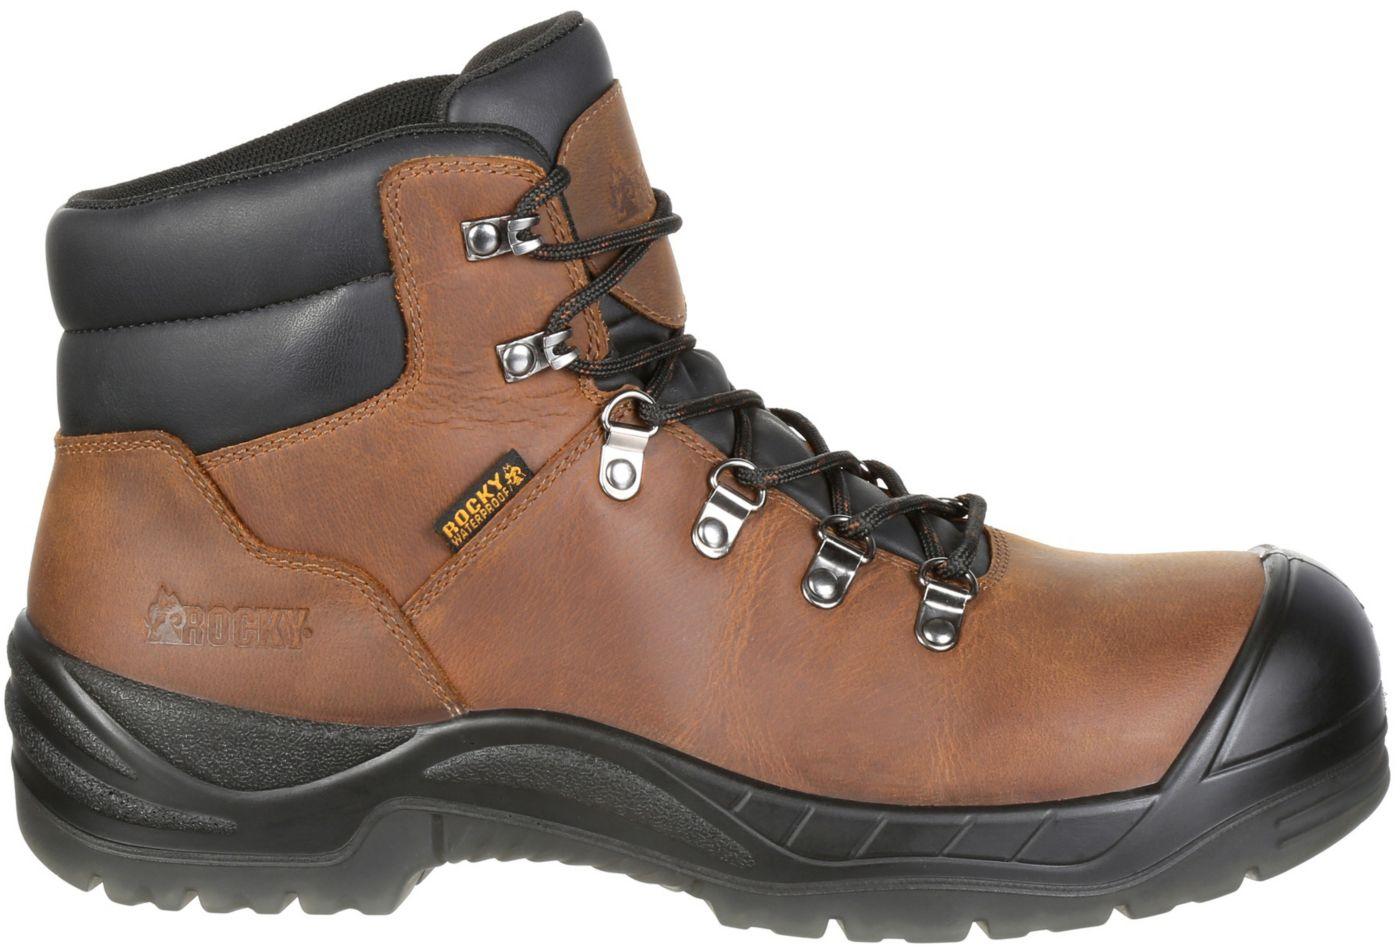 Rocky Men's Worksmart 5'' Waterproof Composite Toe Work Boots